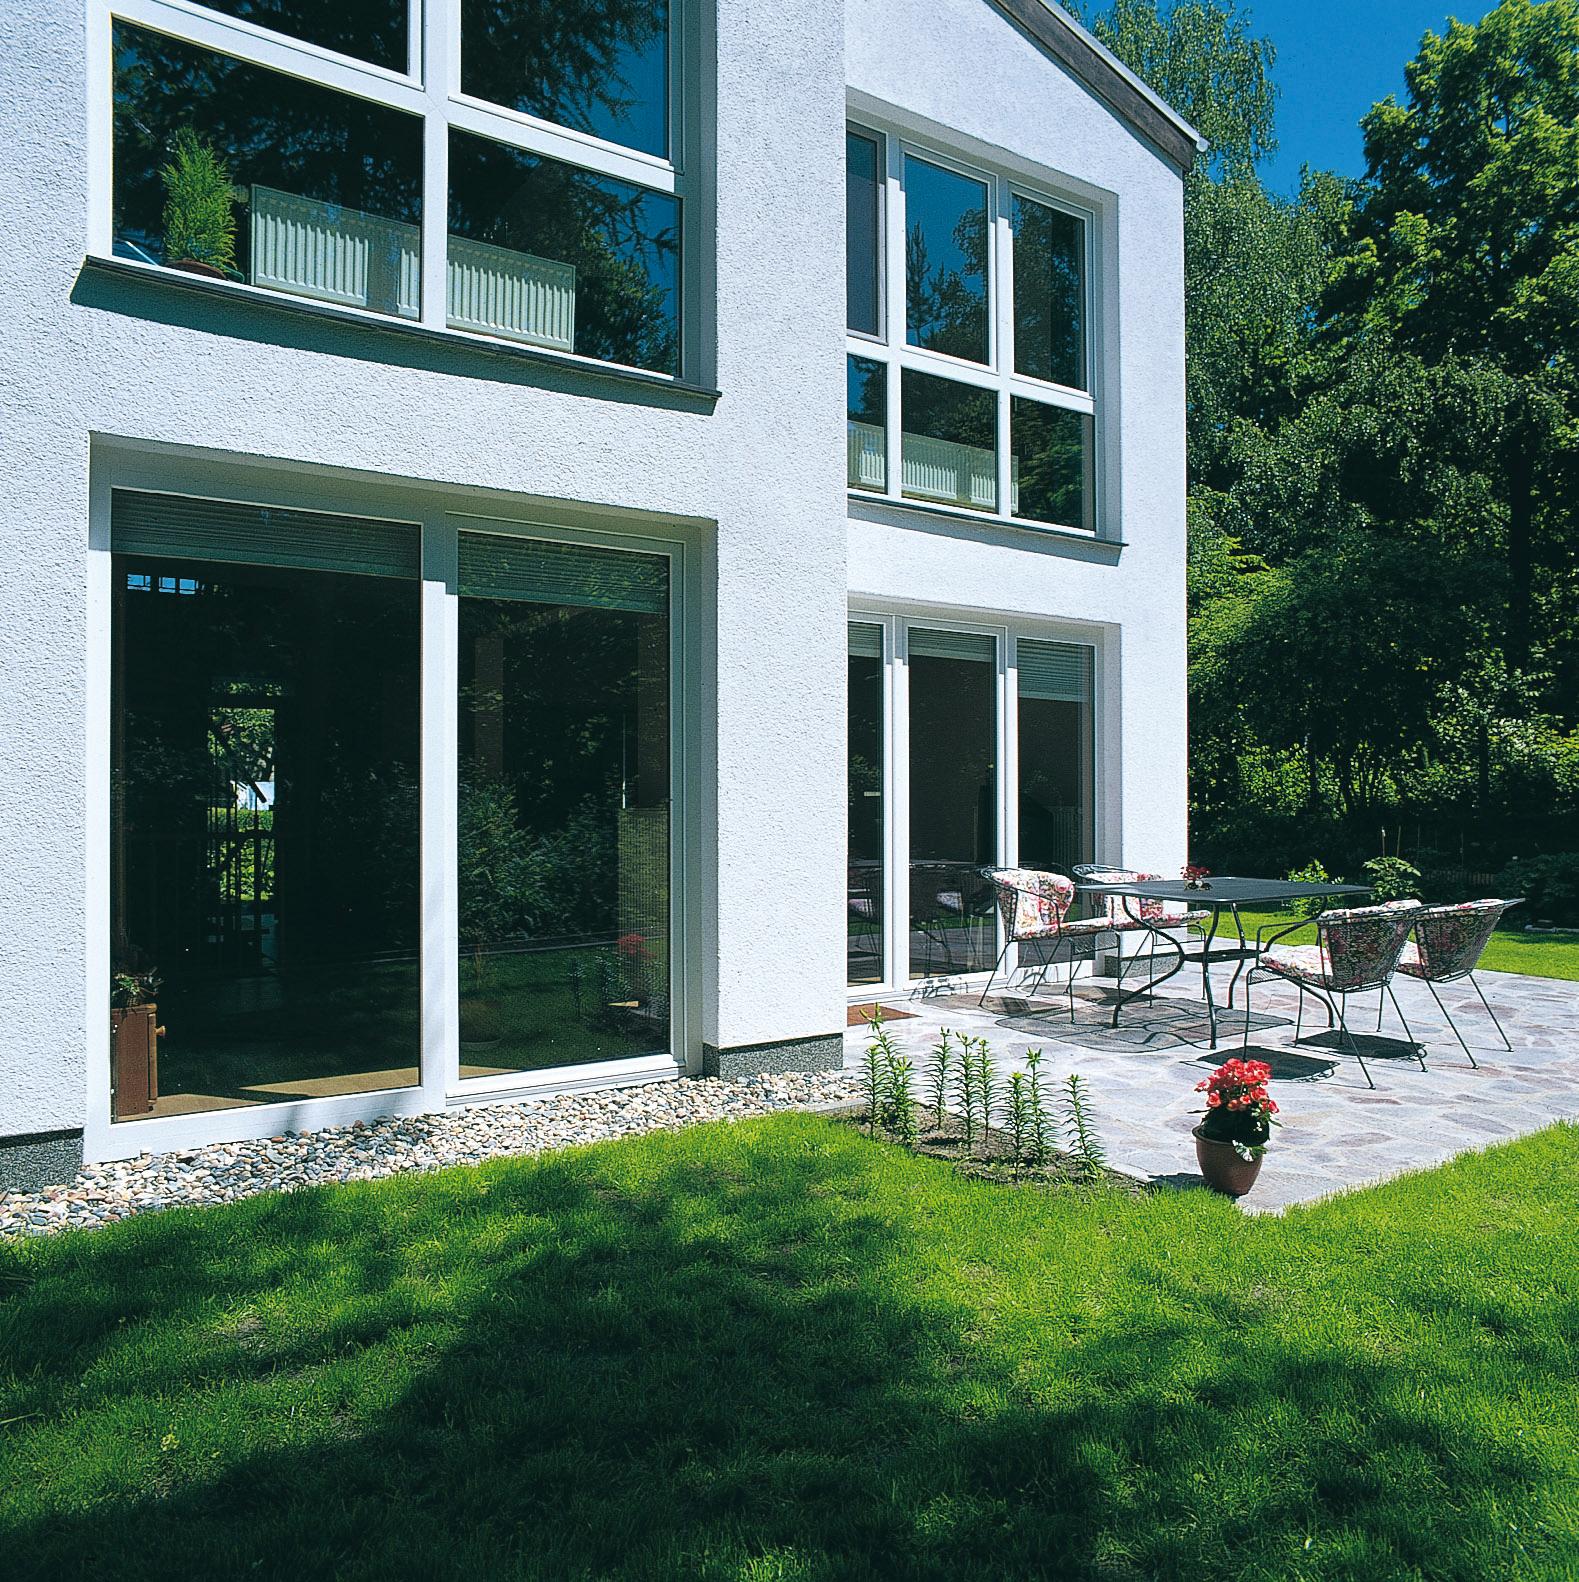 Haus mit großer Fensterfront und Terrasse